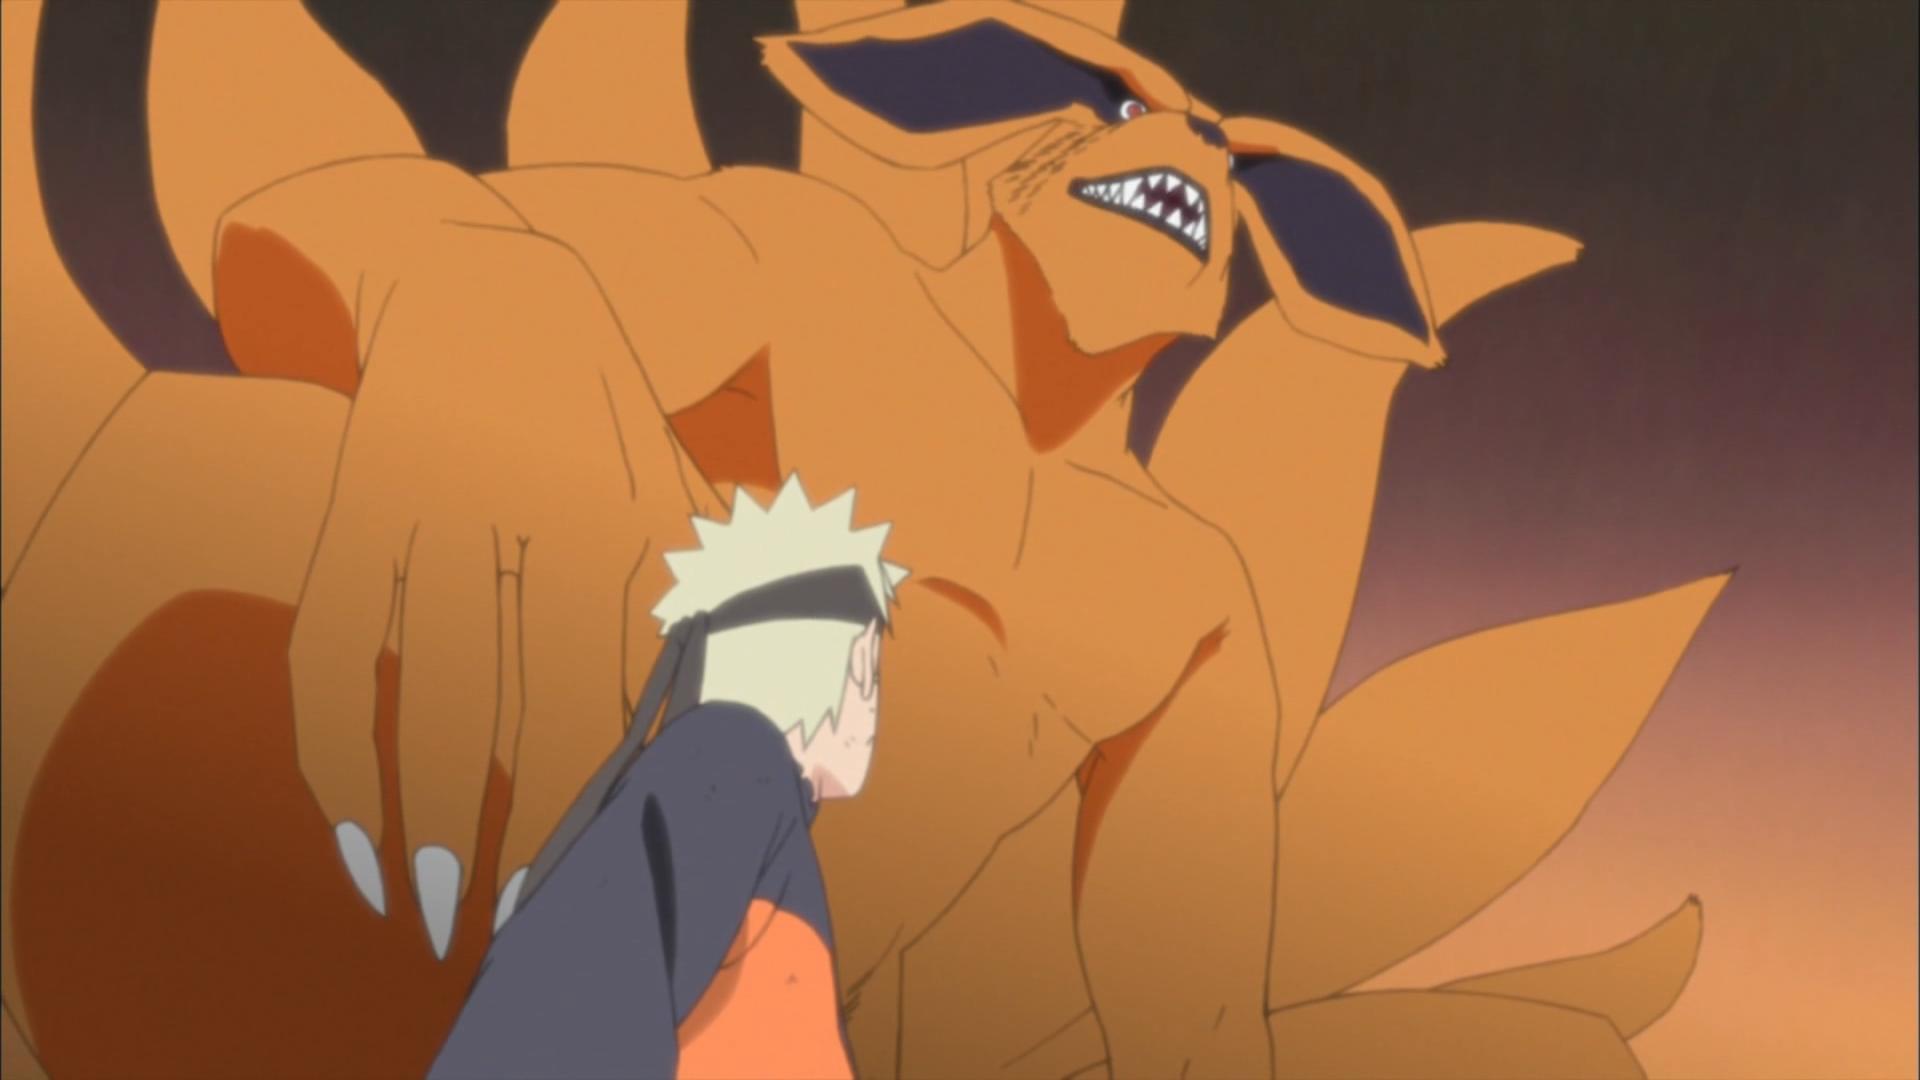 [FP] Uzumaki Naruto Telepatia_Bij%C5%AB_%28Kurama_e_Naruto%29